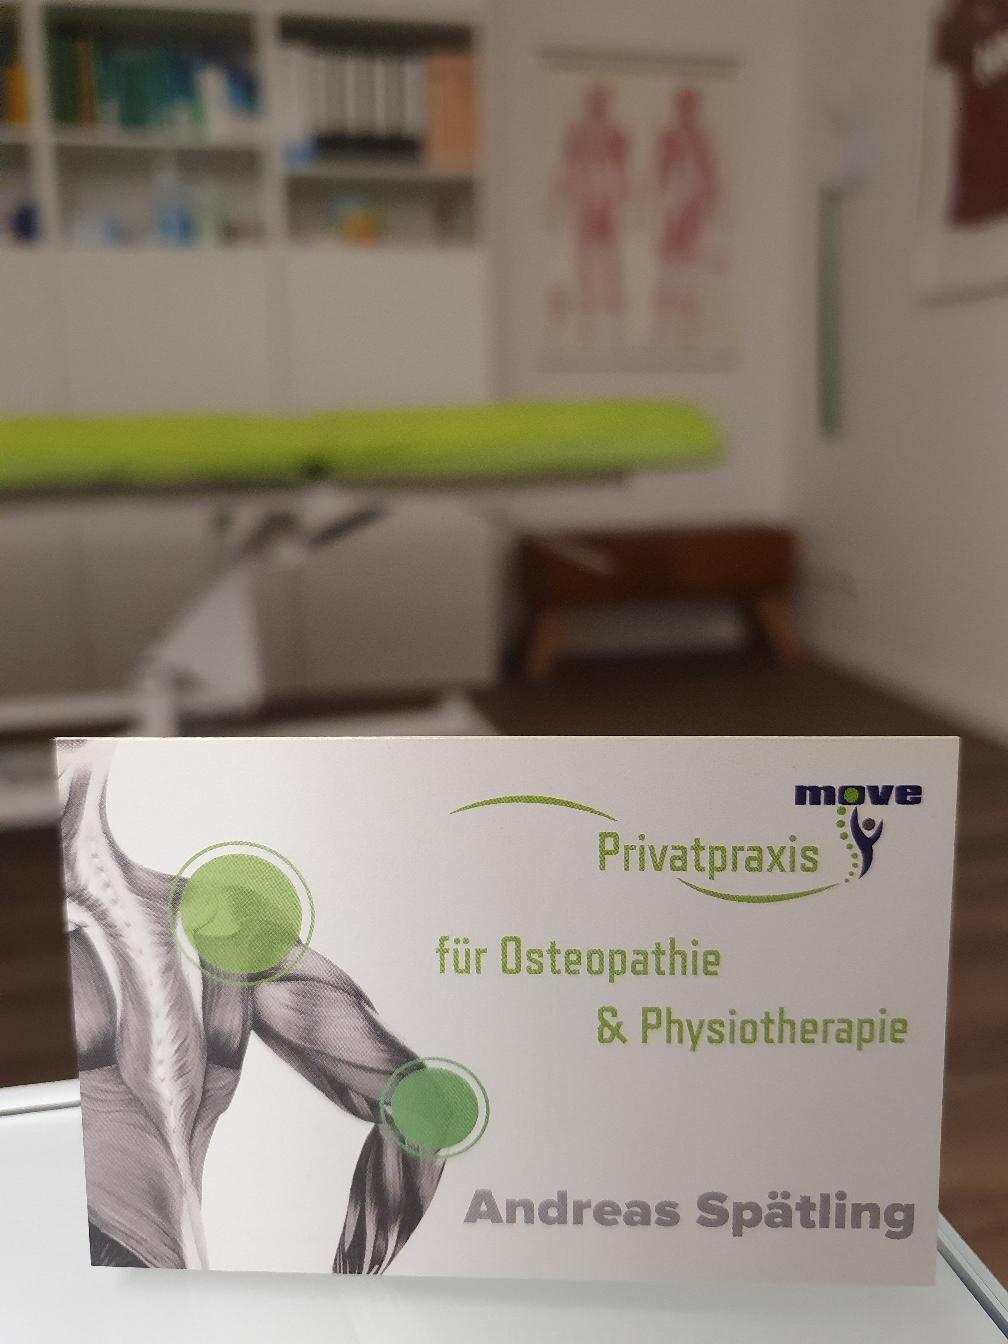 Preisliste Privatpraxis Selbstzahler Privatkassen keine gesetzlichen Krankenkassen Praxis move Andreas Spätling Ebermannstadt Physiotherapeut Heilpraktiker Osteopath